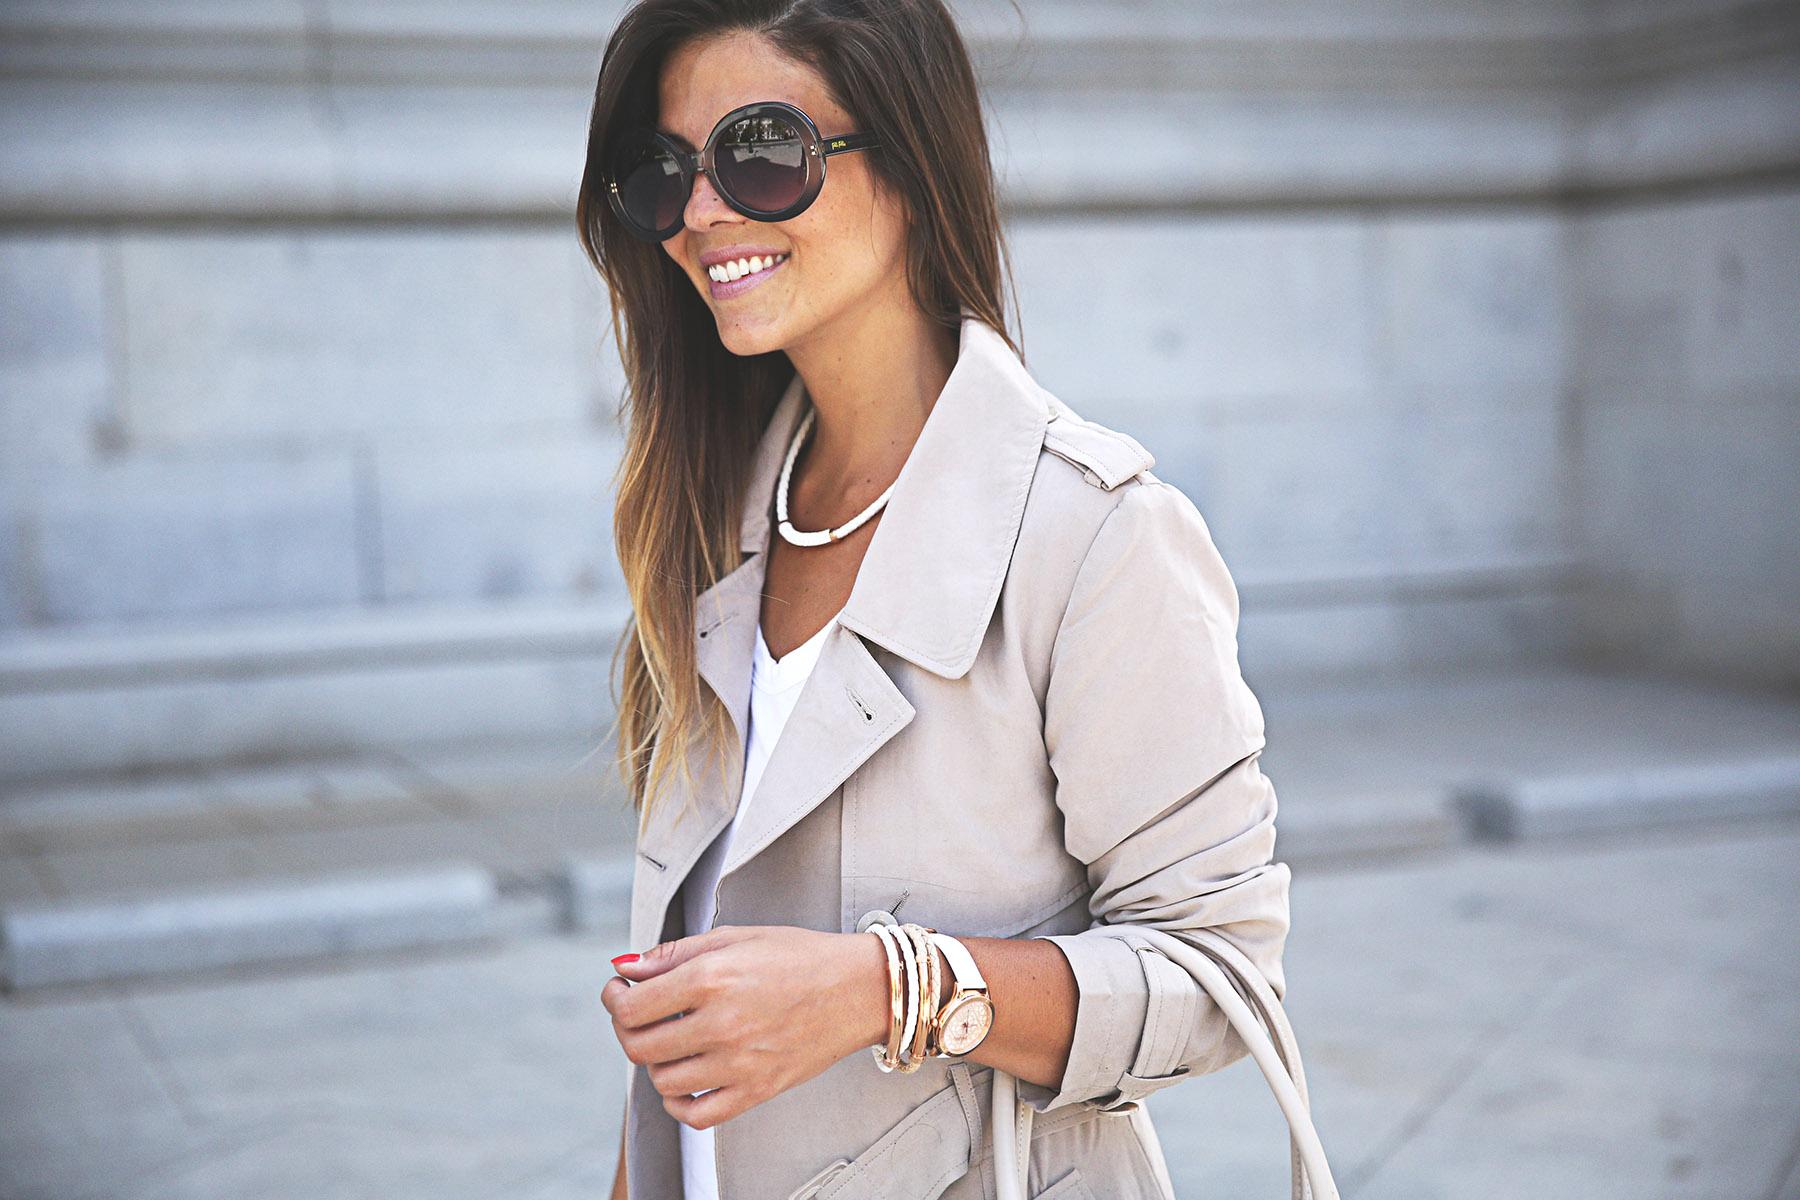 trendy-taste-look-outfit-street-style-ootd-blog-blogger-fashion-spain-moda-españa-folli-follie-shooting-trench-gabardina-adidas-superstar-camiseta-basica-basic-tee-8